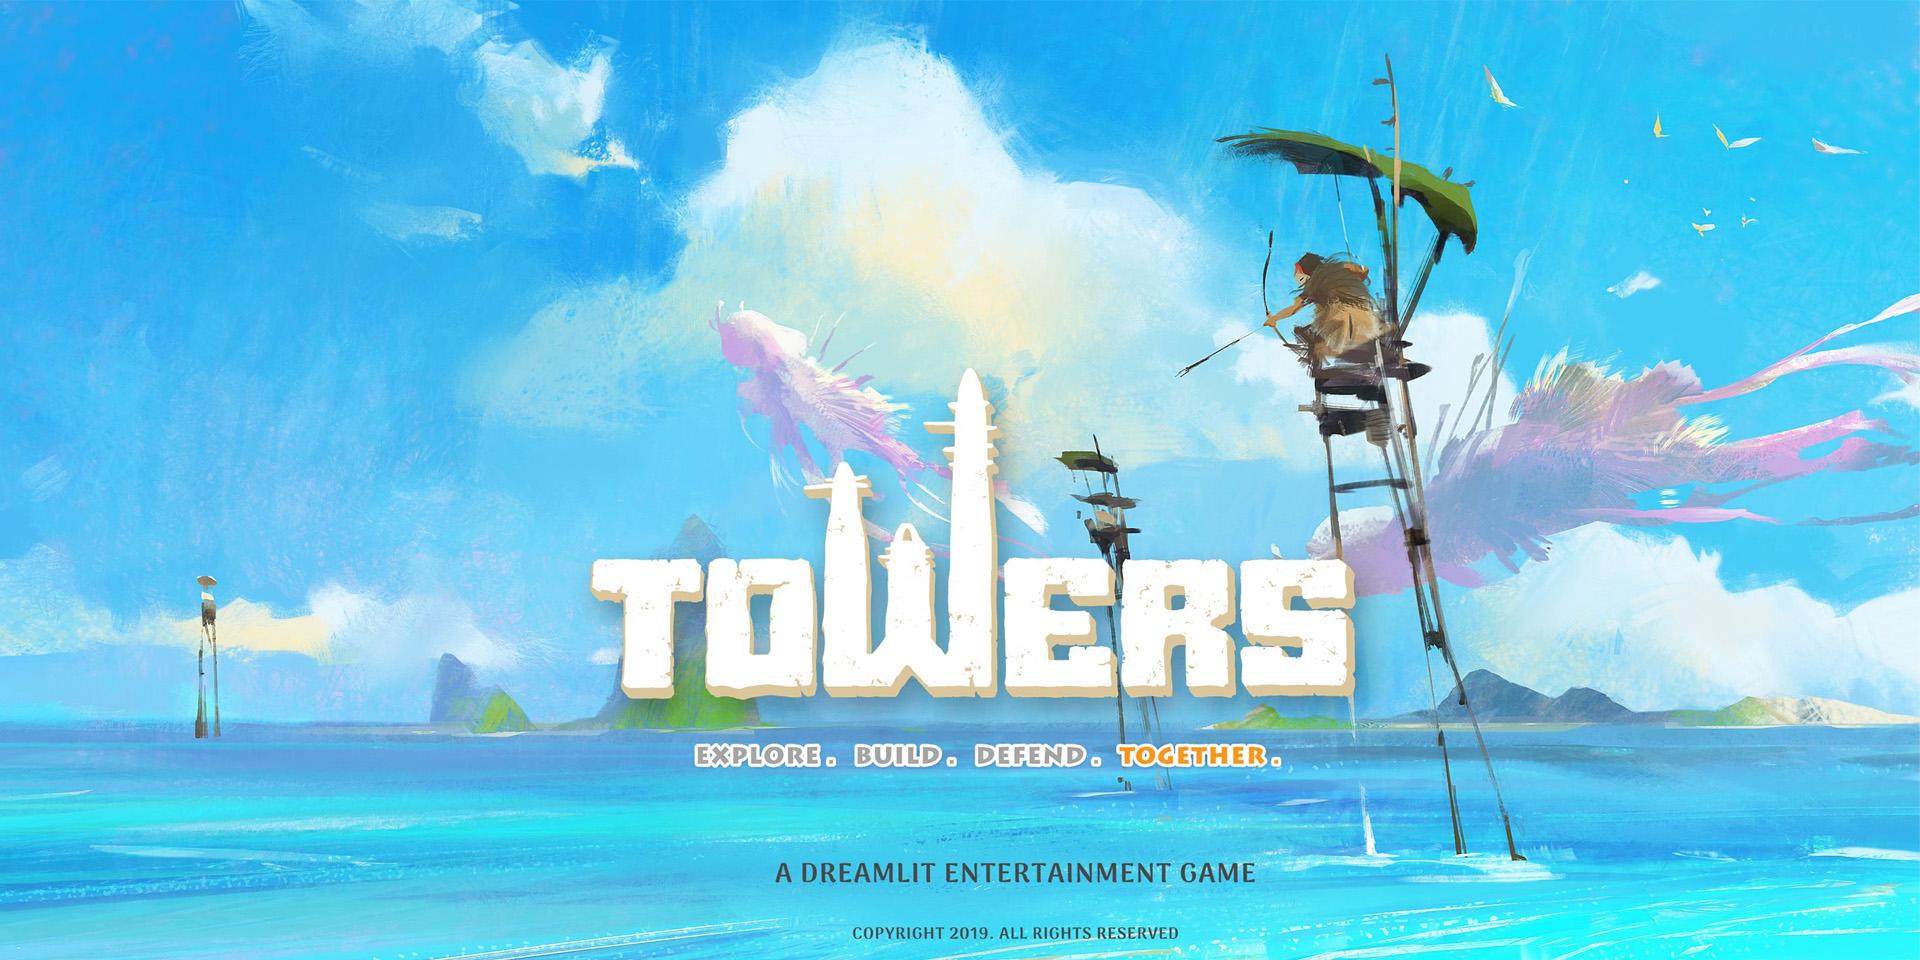 MMO-индустрия: Towers: Исследуйте. Стройте. Защищайте. Вместе